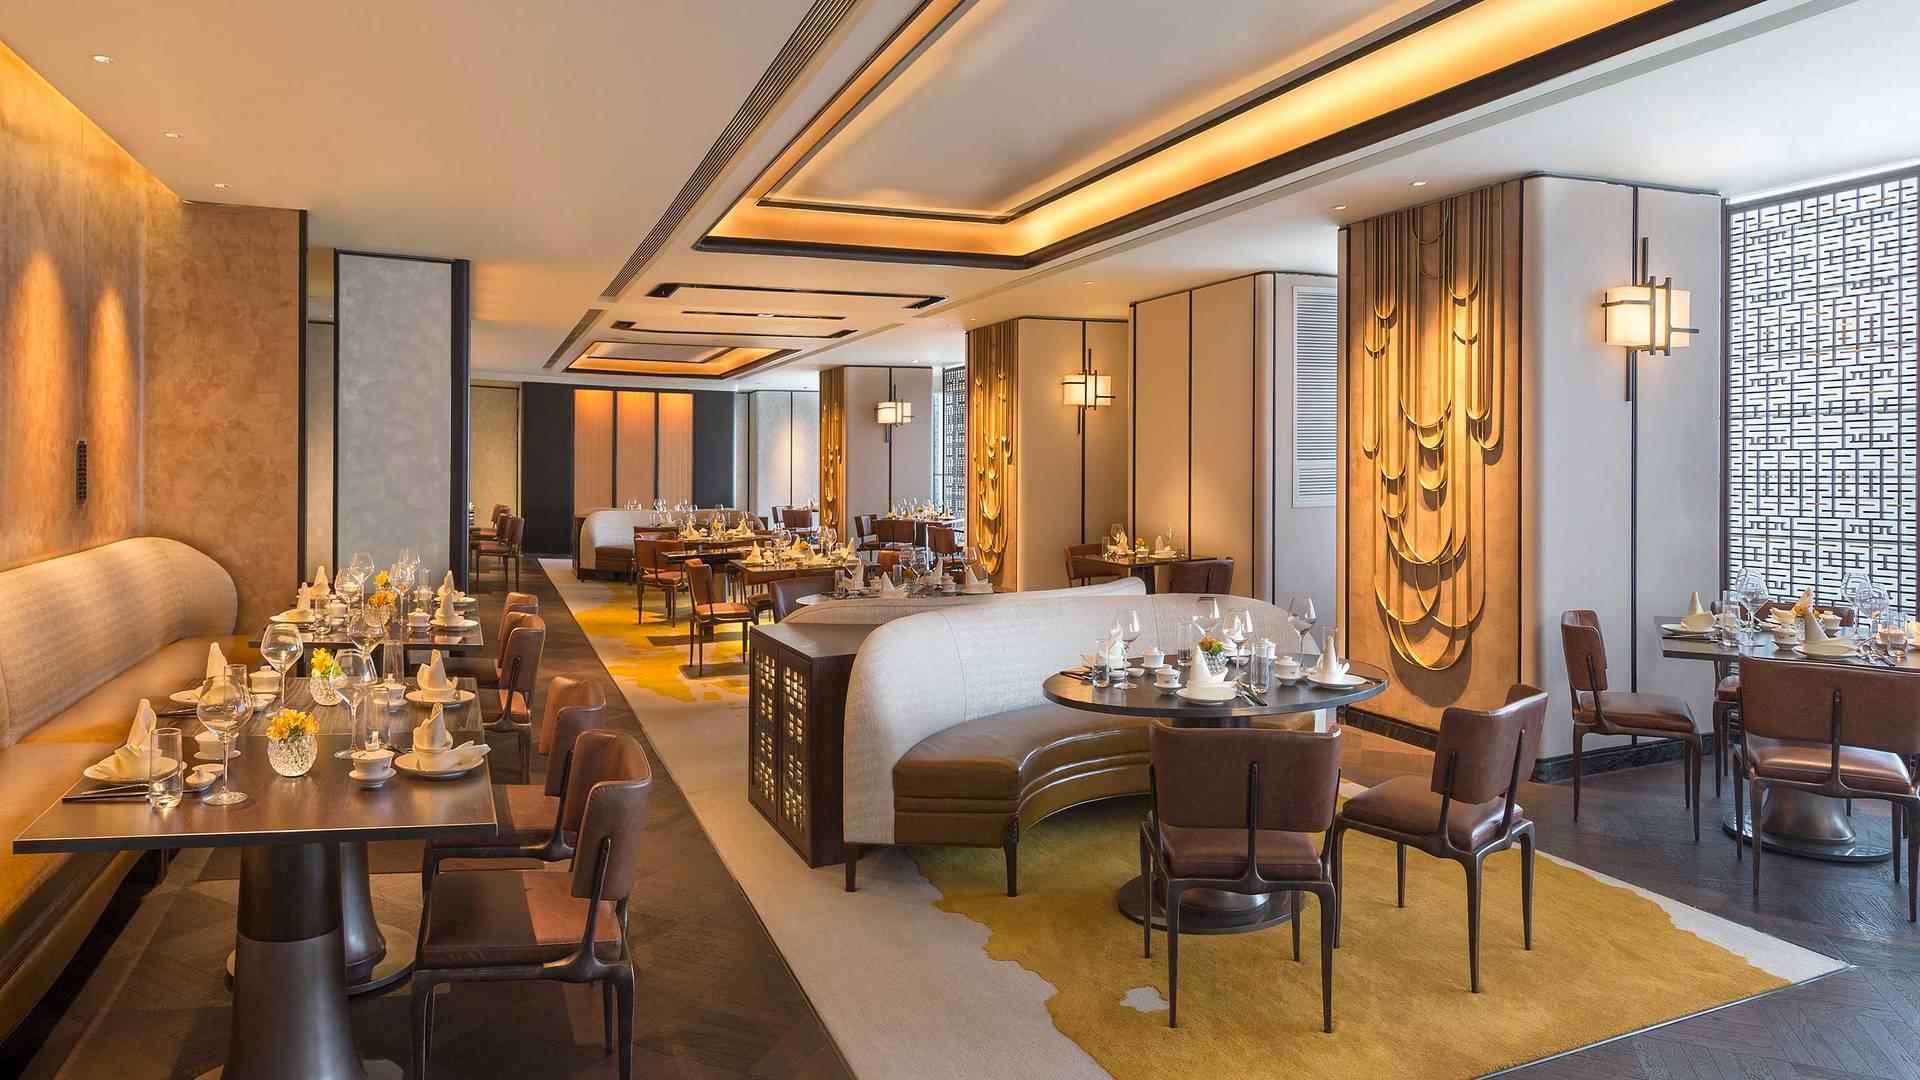 Najing - Jumeirah Nanjing Lu Chao restaurant_16-9